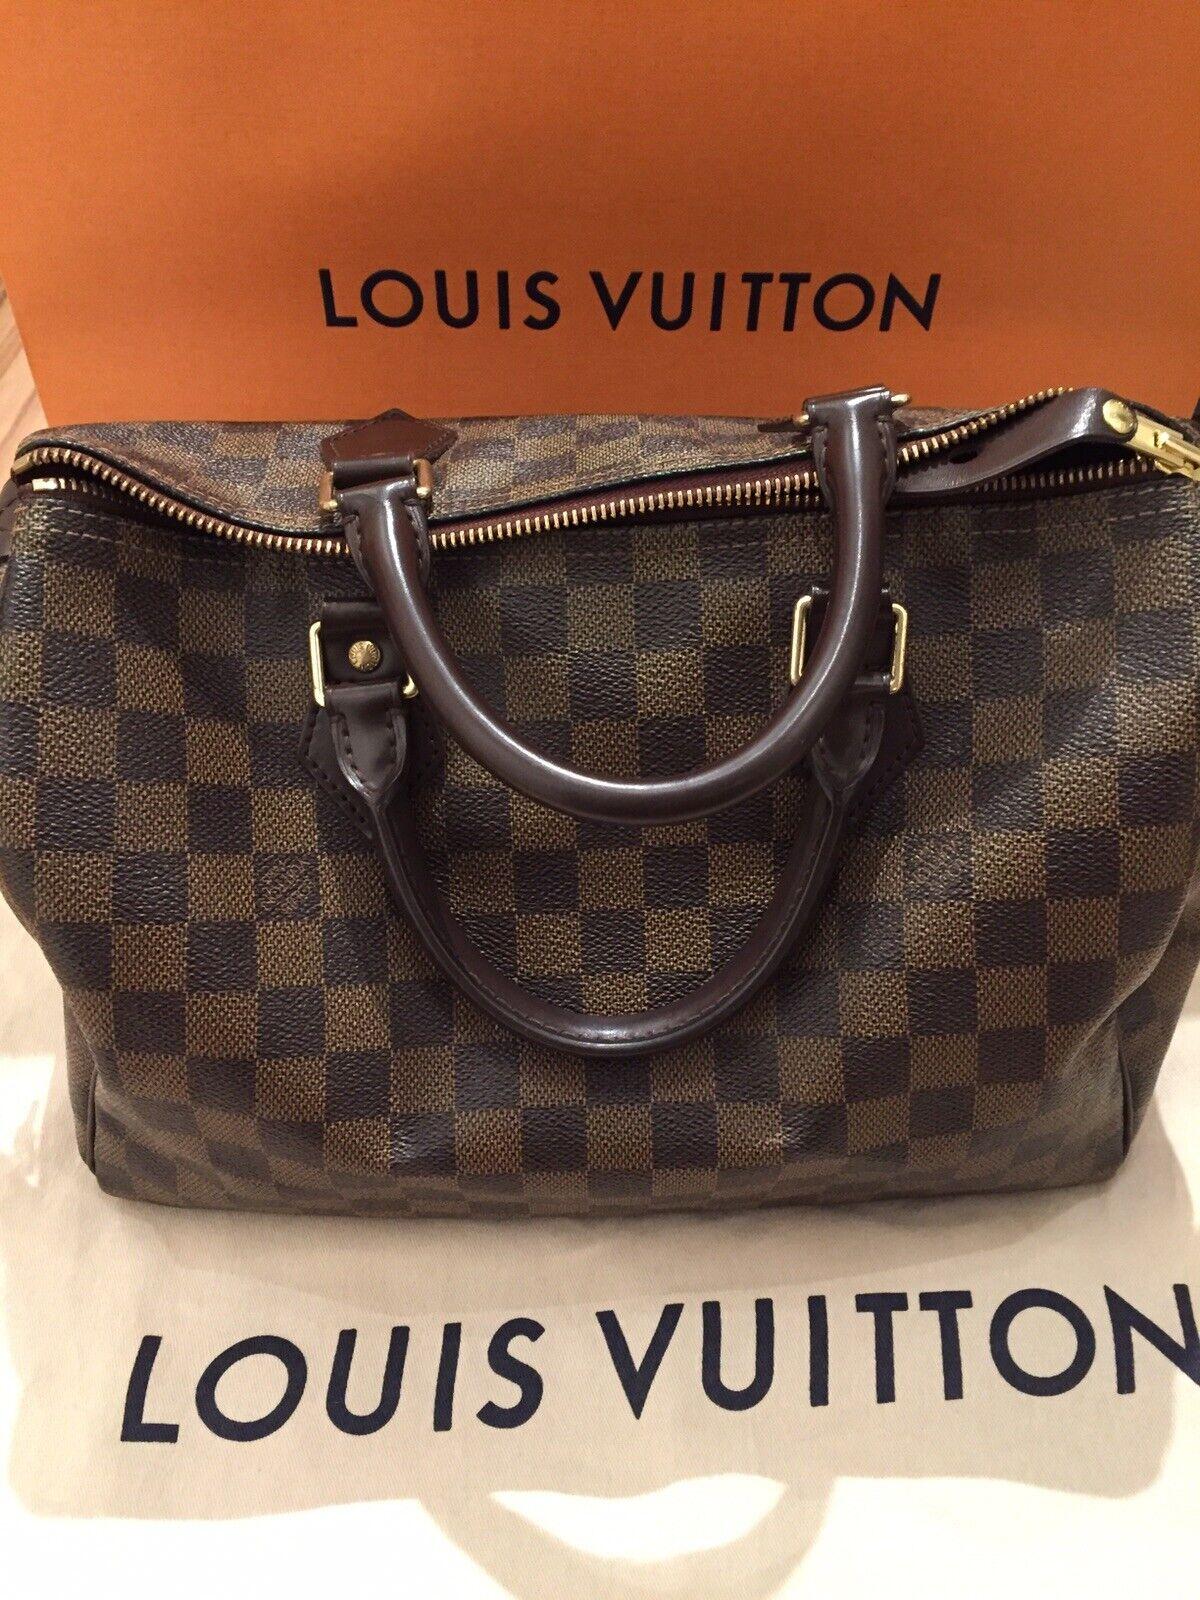 ba7511d58c874 ORIGINAL ❤ Louis Vuitton Speedy 30 Damier Tasche mit Staubbeutel!